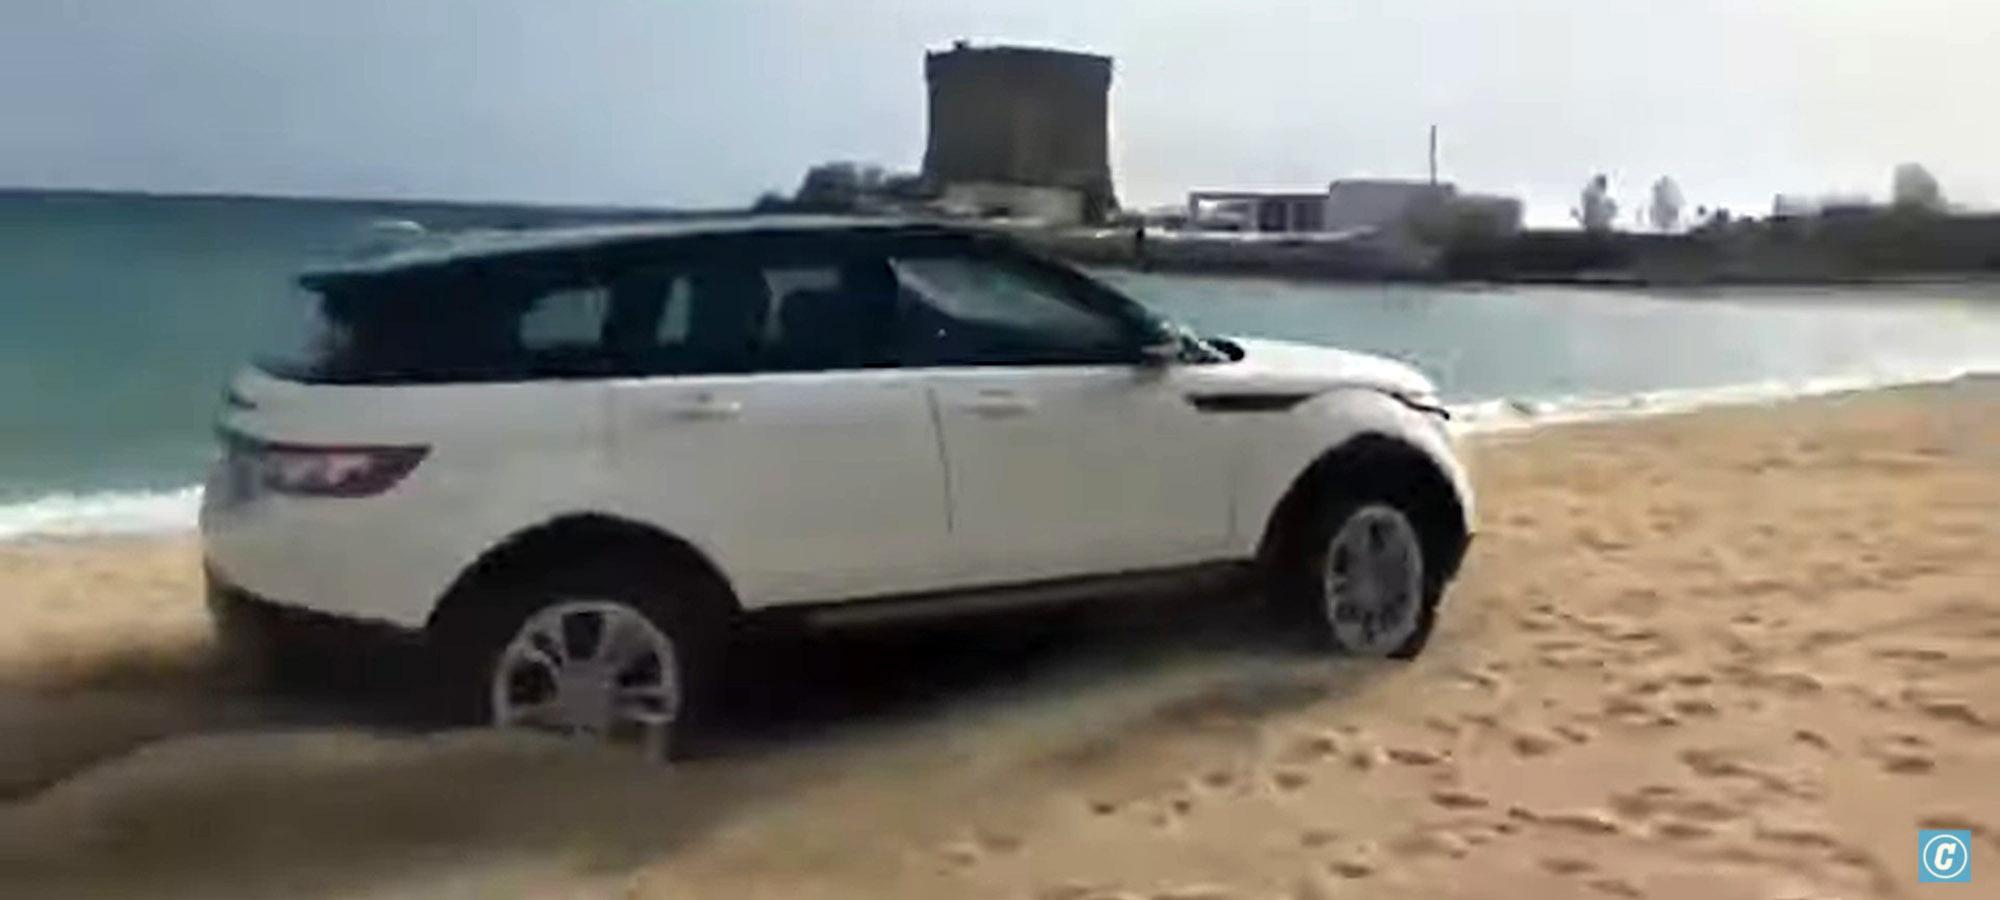 Παρέα πλήρωσε πολύ ακριβά τα «παιχνίδια» στην άμμο με ένα Range Rover Evoque, εν μέσω καραντίνας! (video)